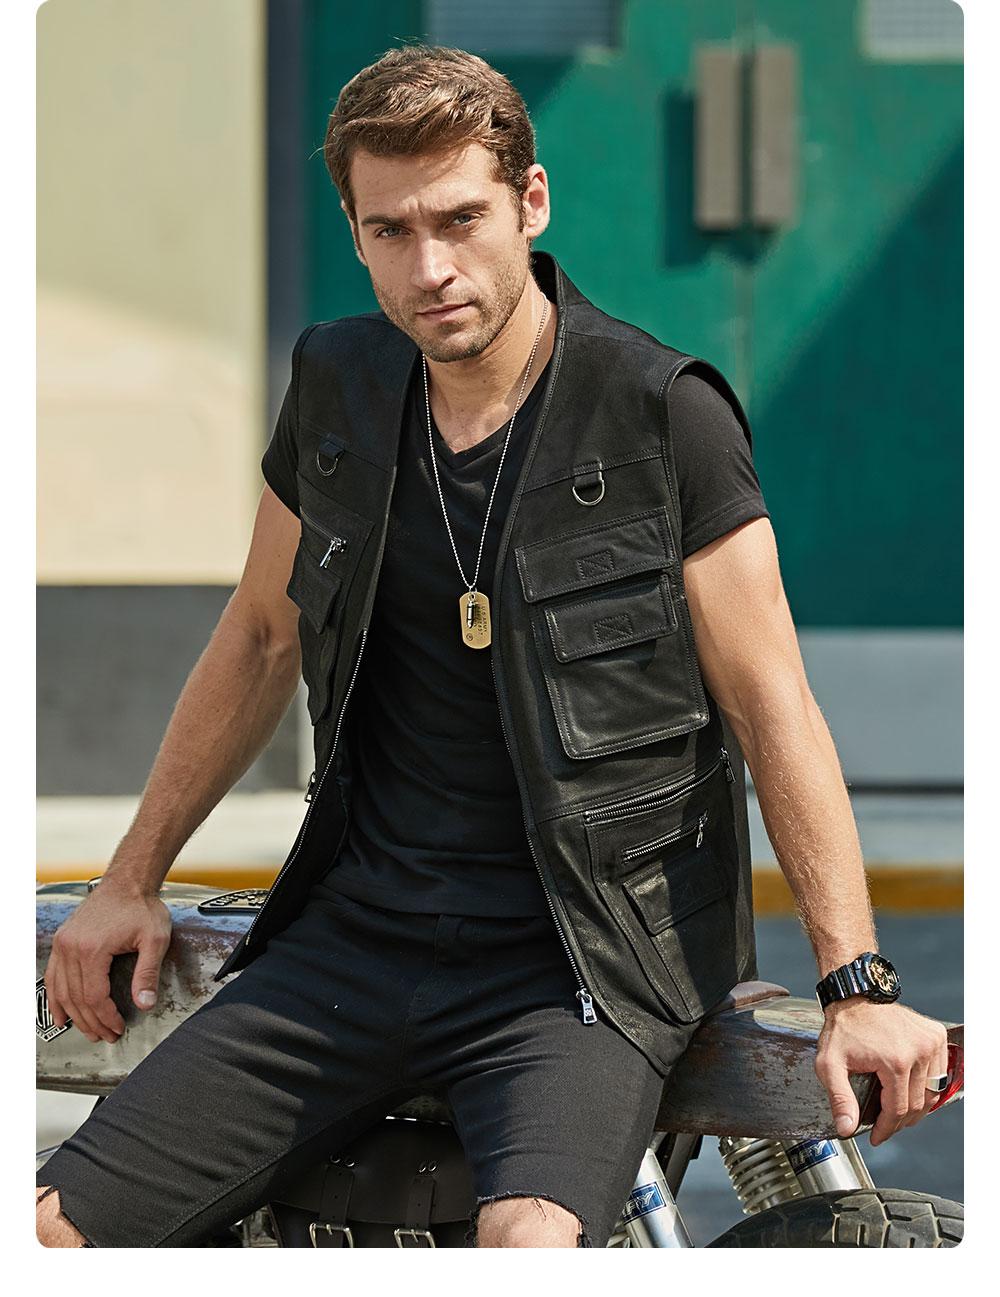 H8e0c8da00771415eaf08faf31432ac36O FLAVOR New Men's Real Leather Vest Men's Motorcycle Fishing Outdoor Travel Vests